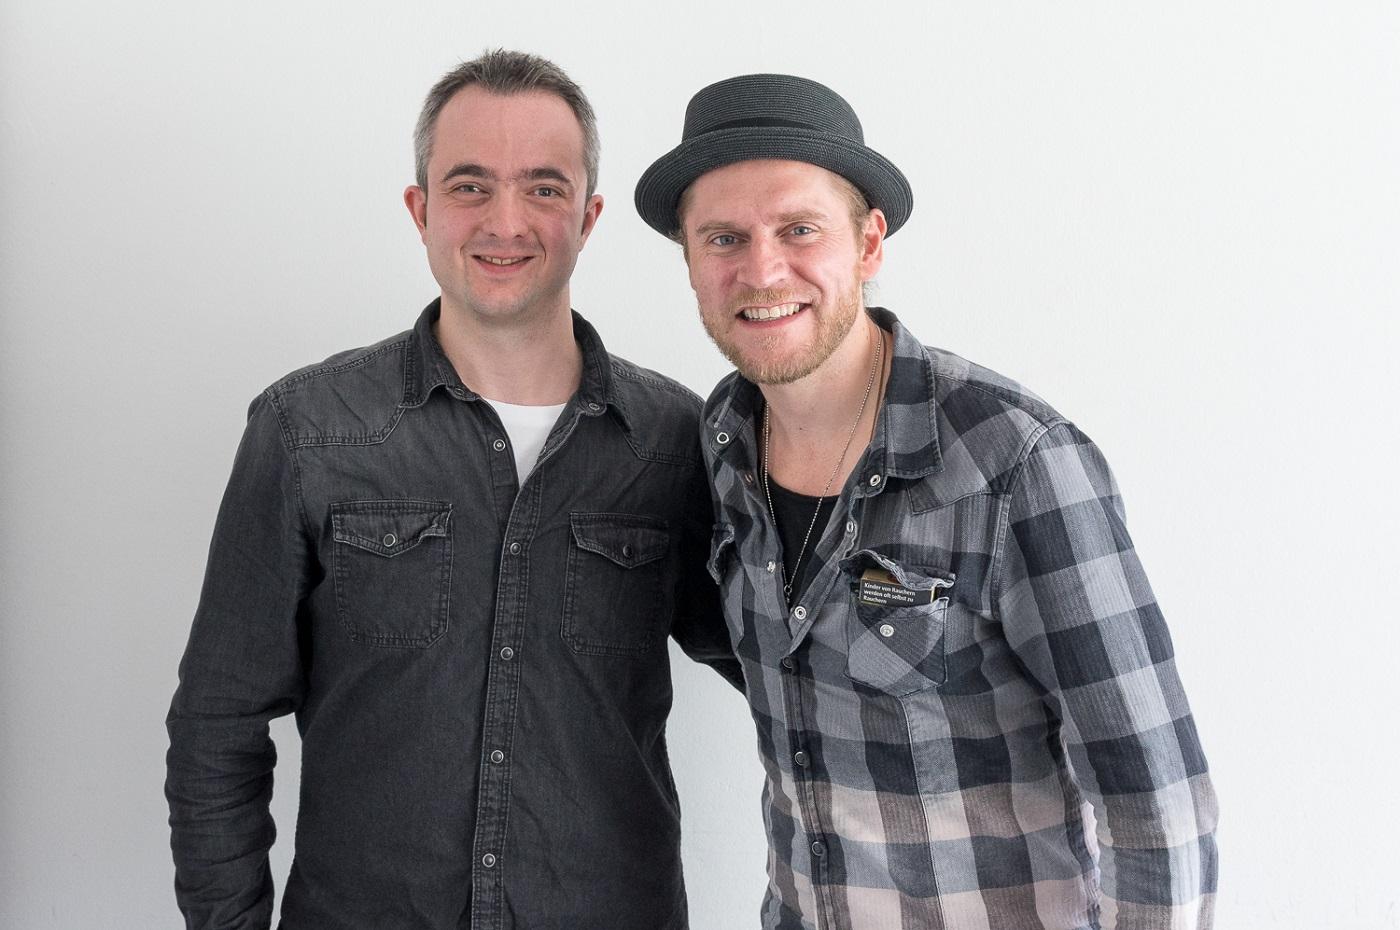 Markus Hörster mit Johannes Oerding in Wolfsburg beim Tag der Niedersachsen 2017